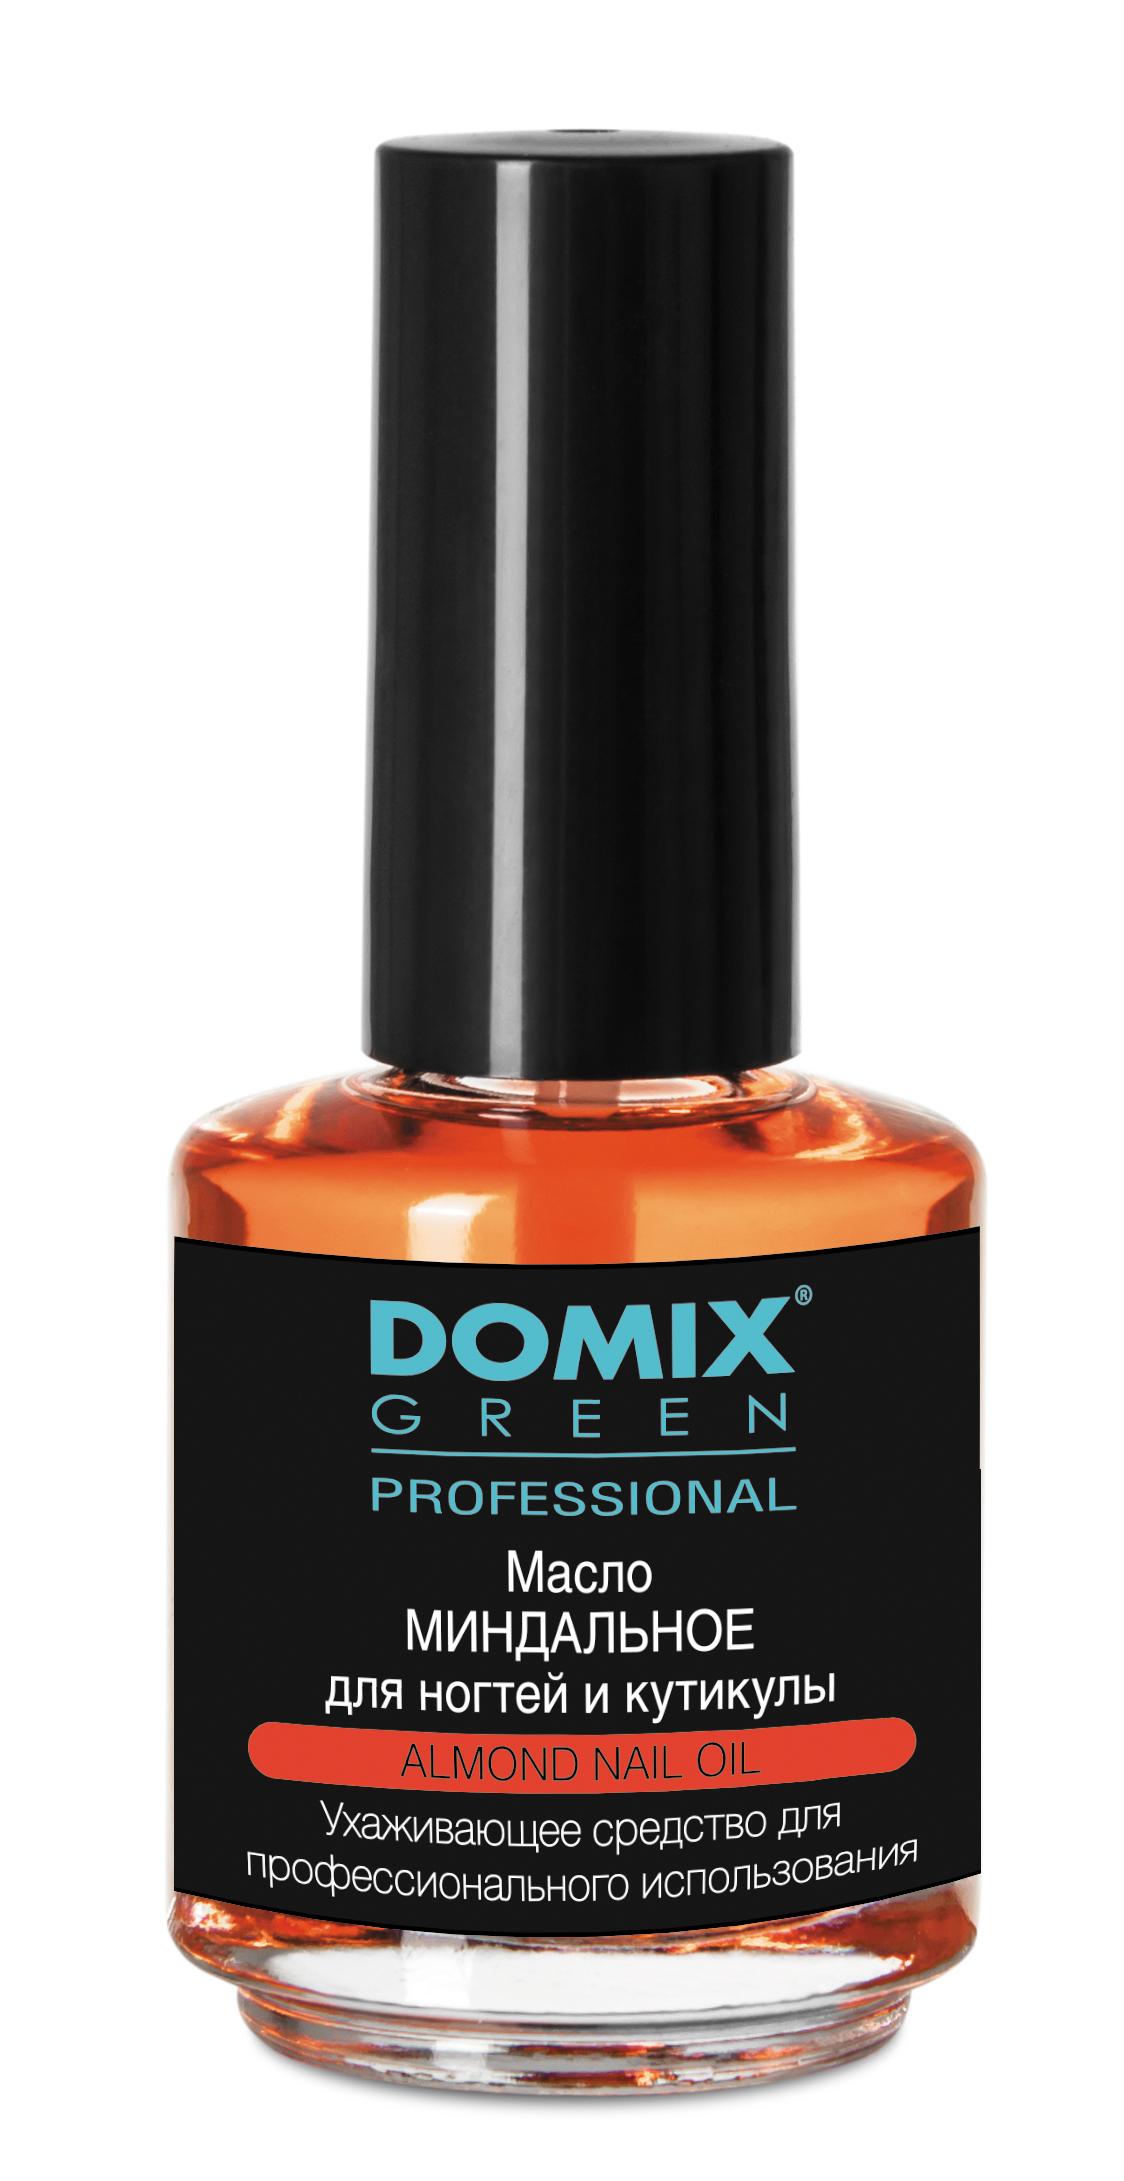 DOMIX Масло миндальное для ногтей и кутикулы / DGP 17мл